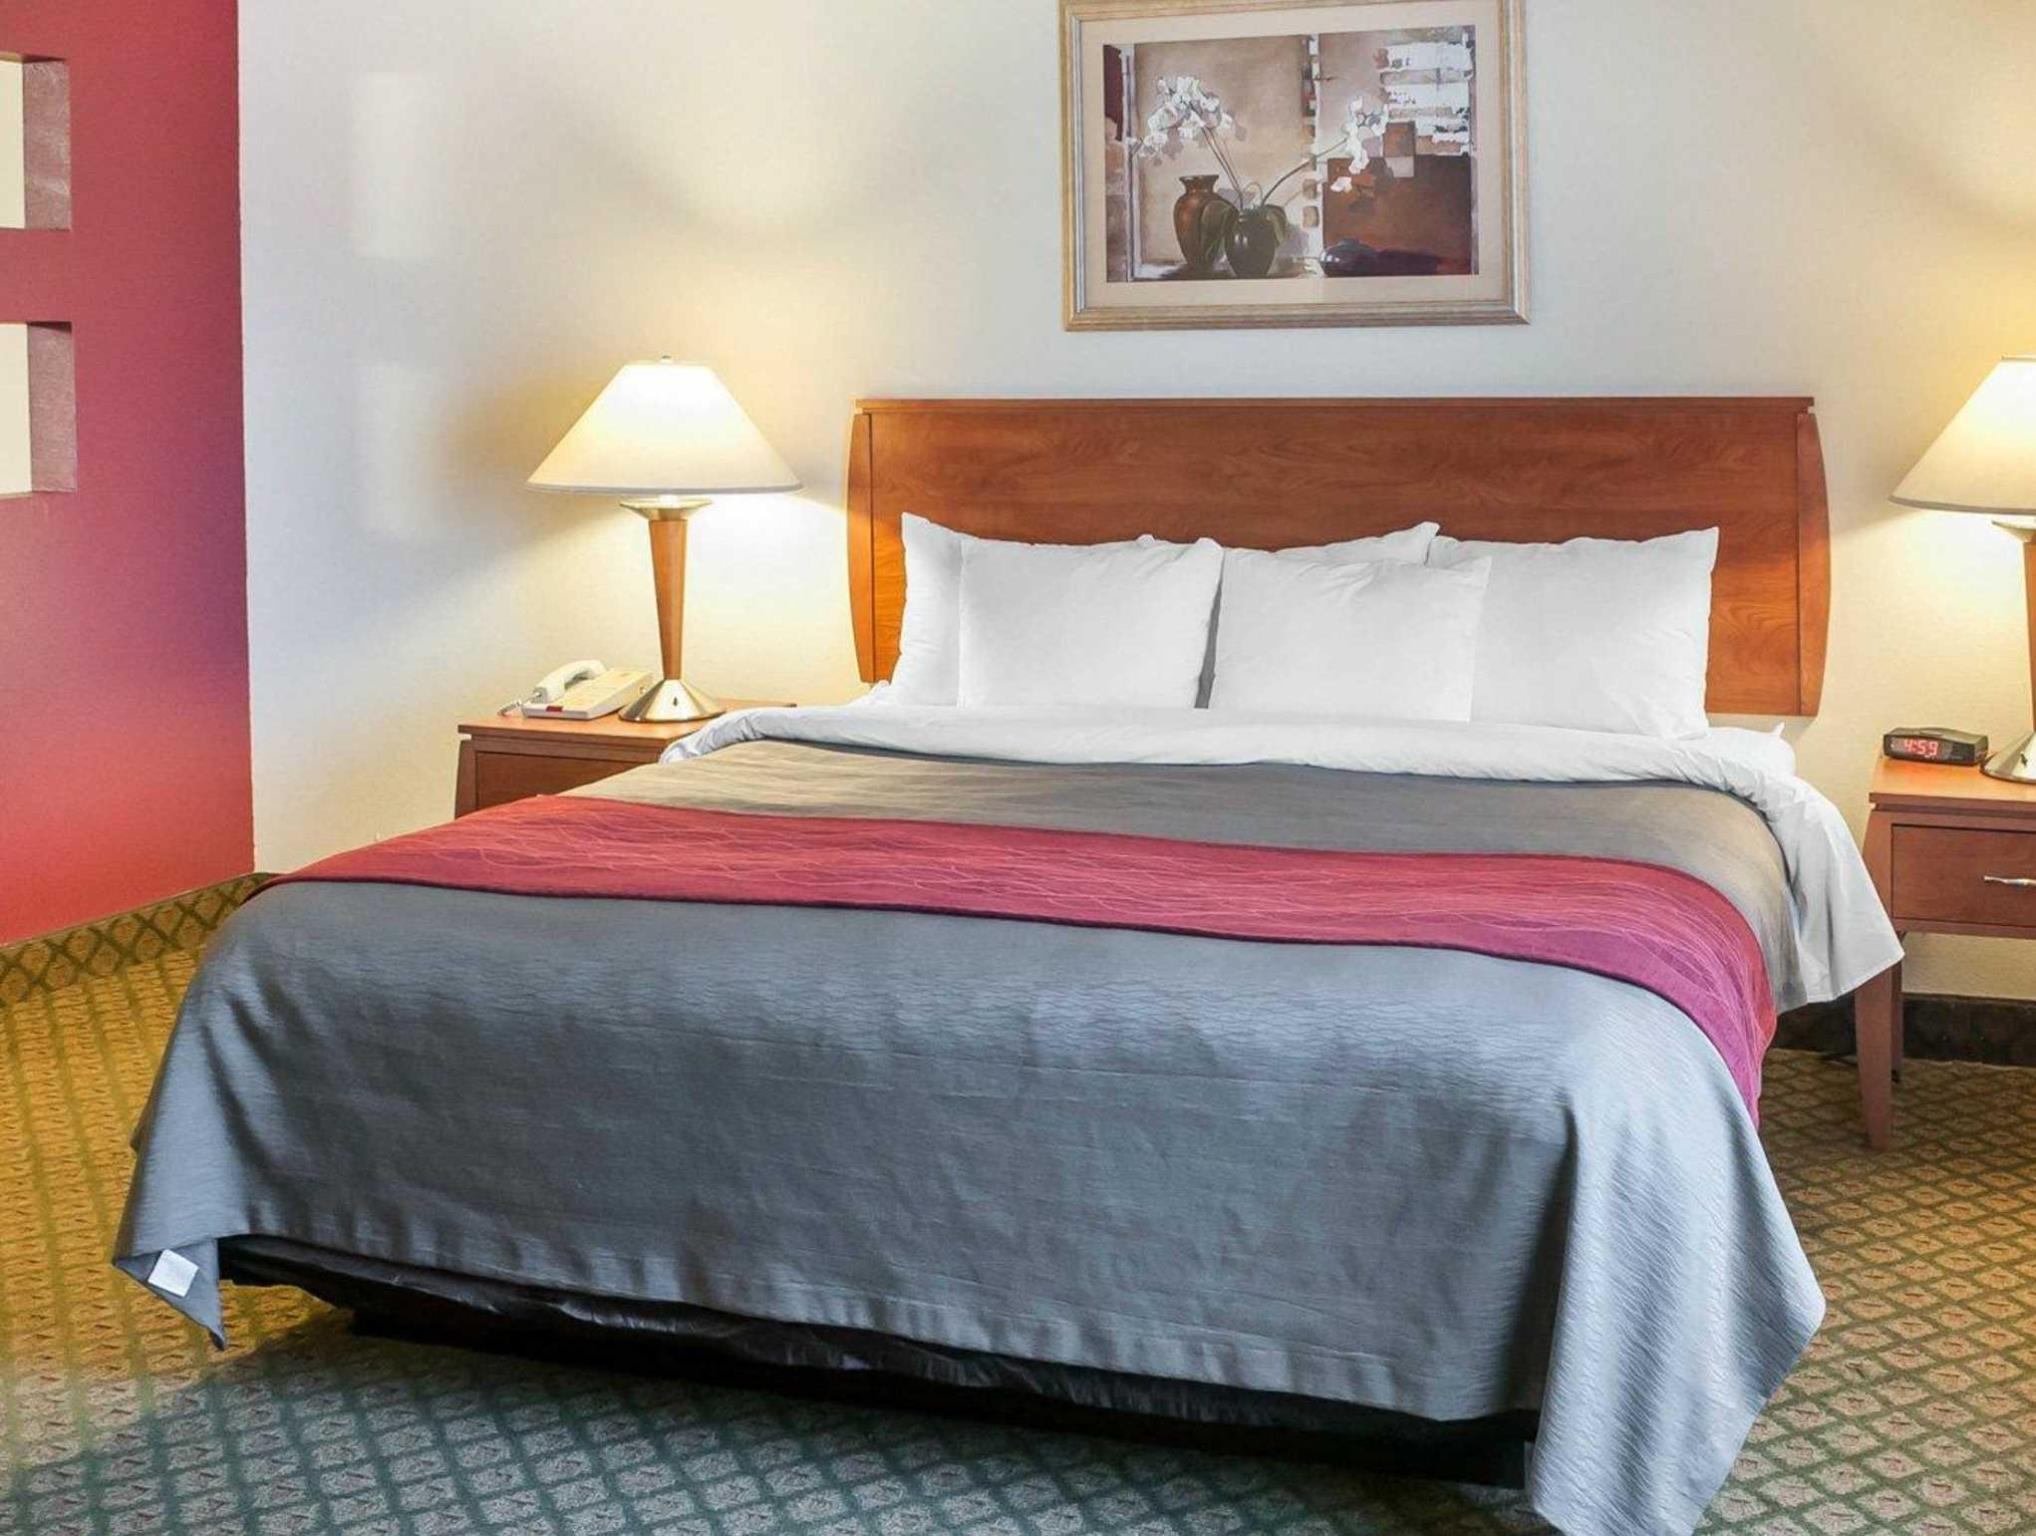 Best Price on fort Inn Suites in Socorro NM Reviews